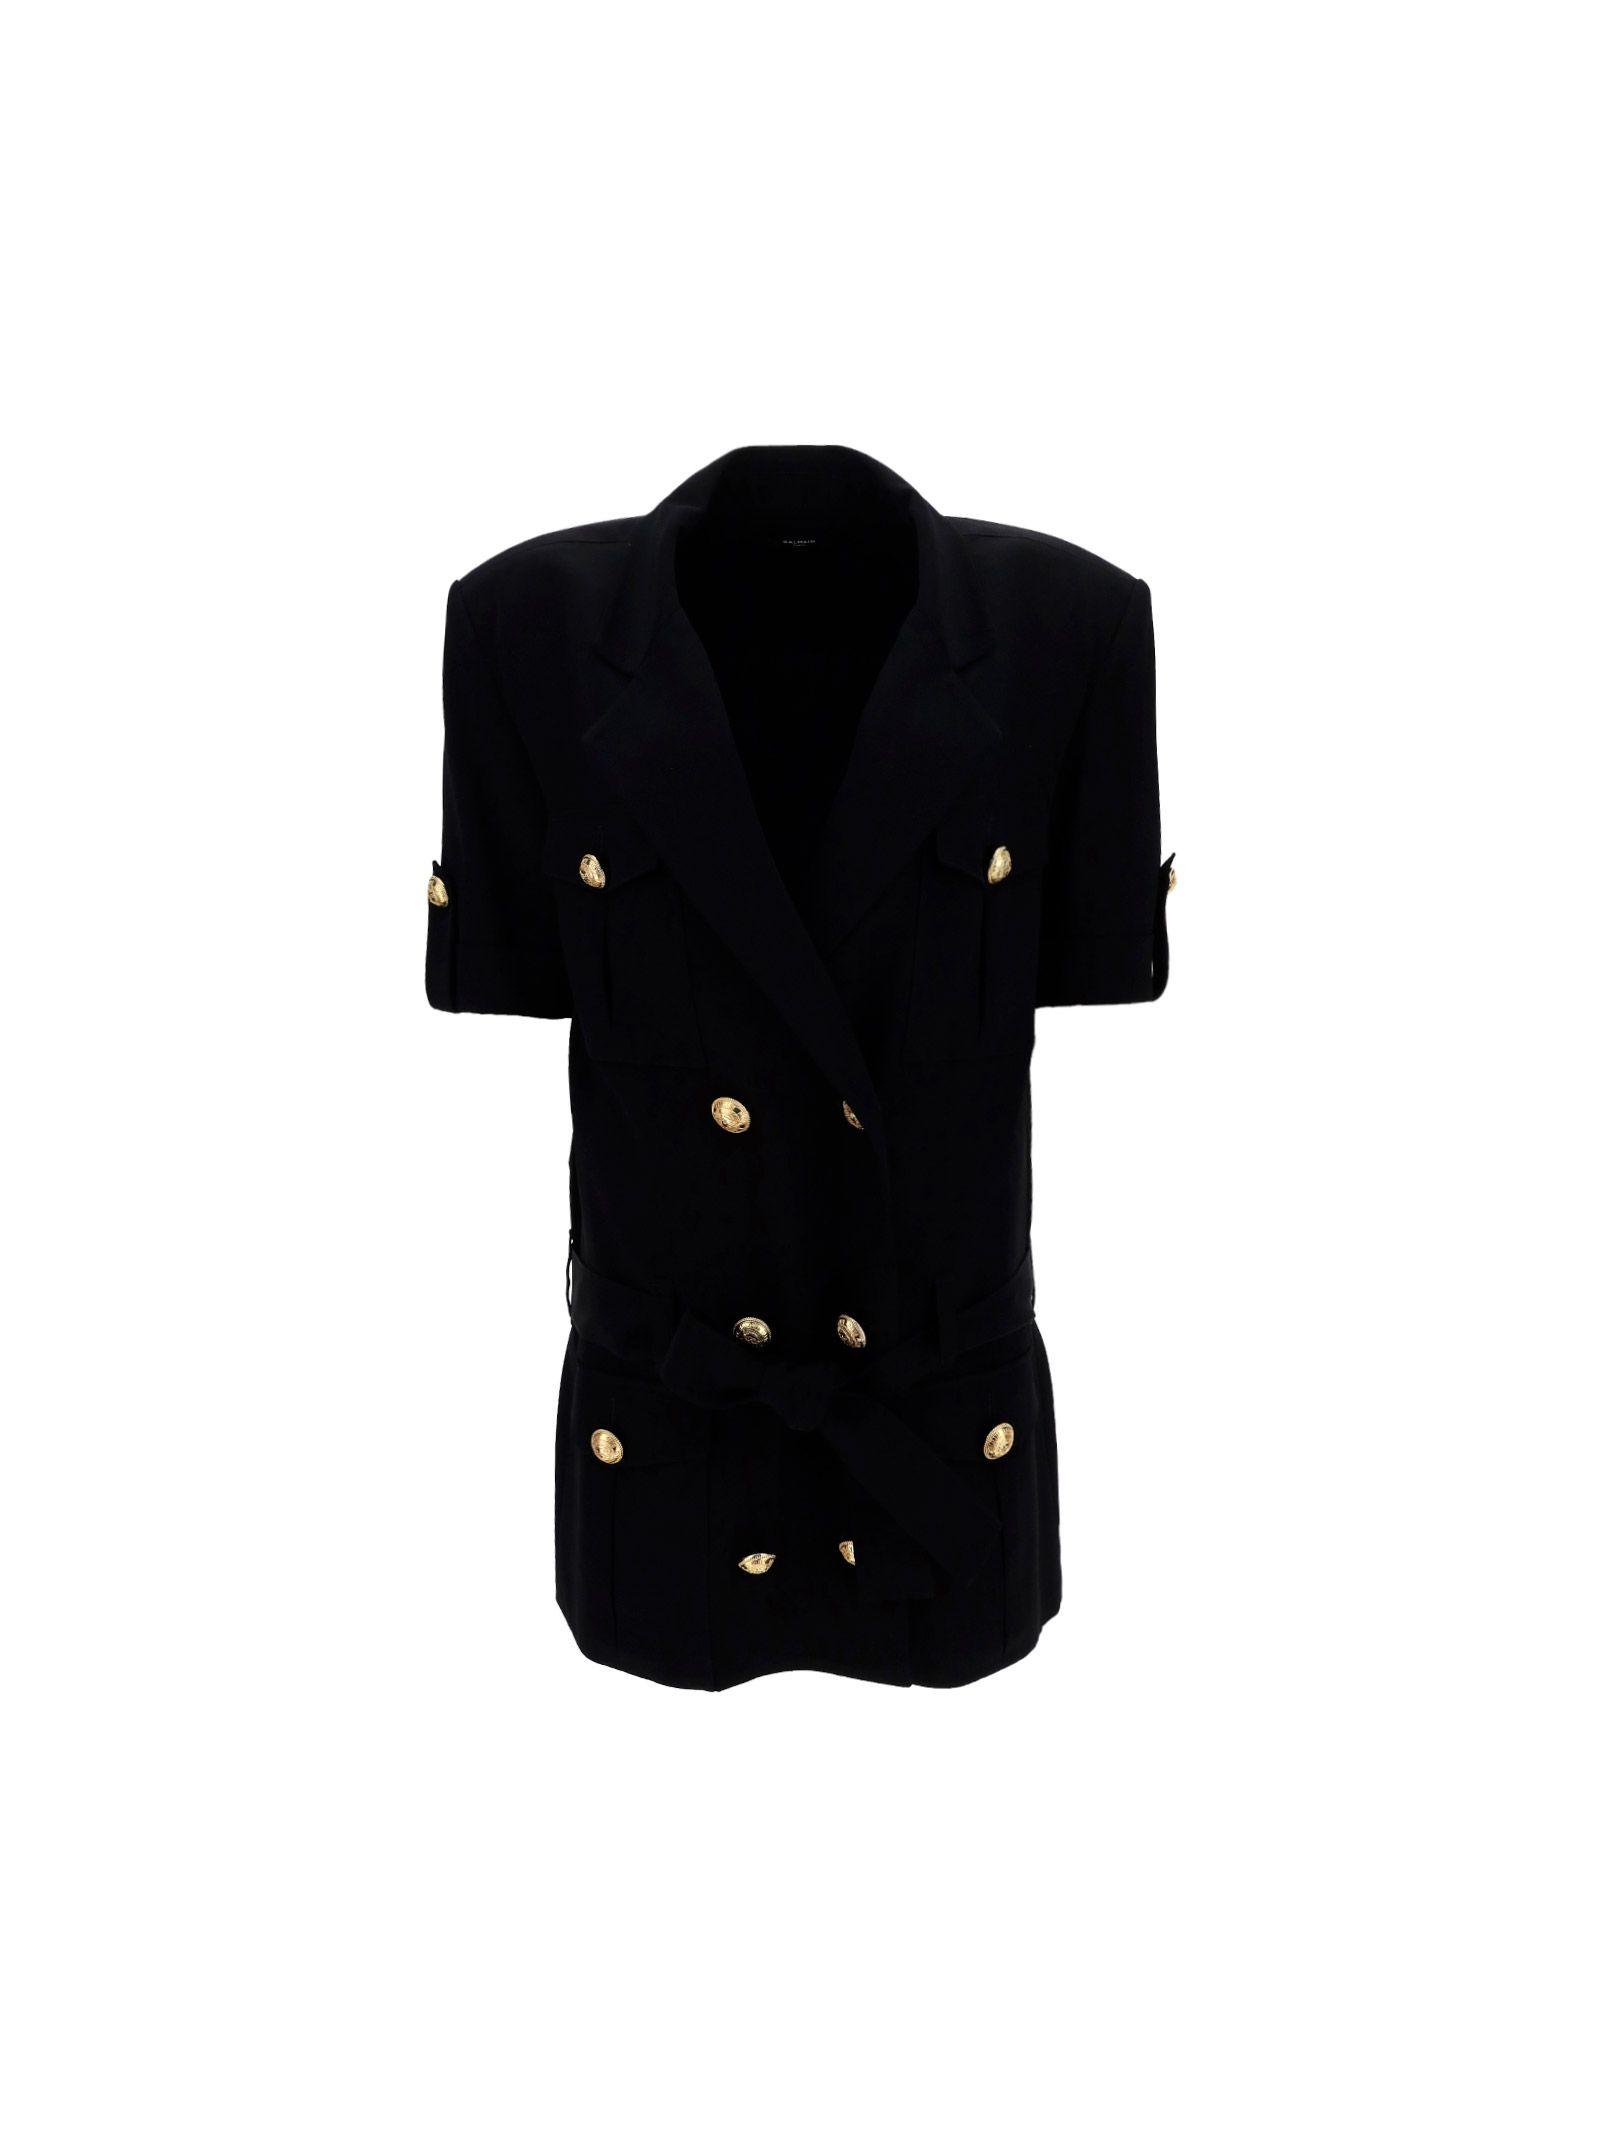 Balmain BALMAIN WOMEN'S BLACK OTHER MATERIALS DRESS